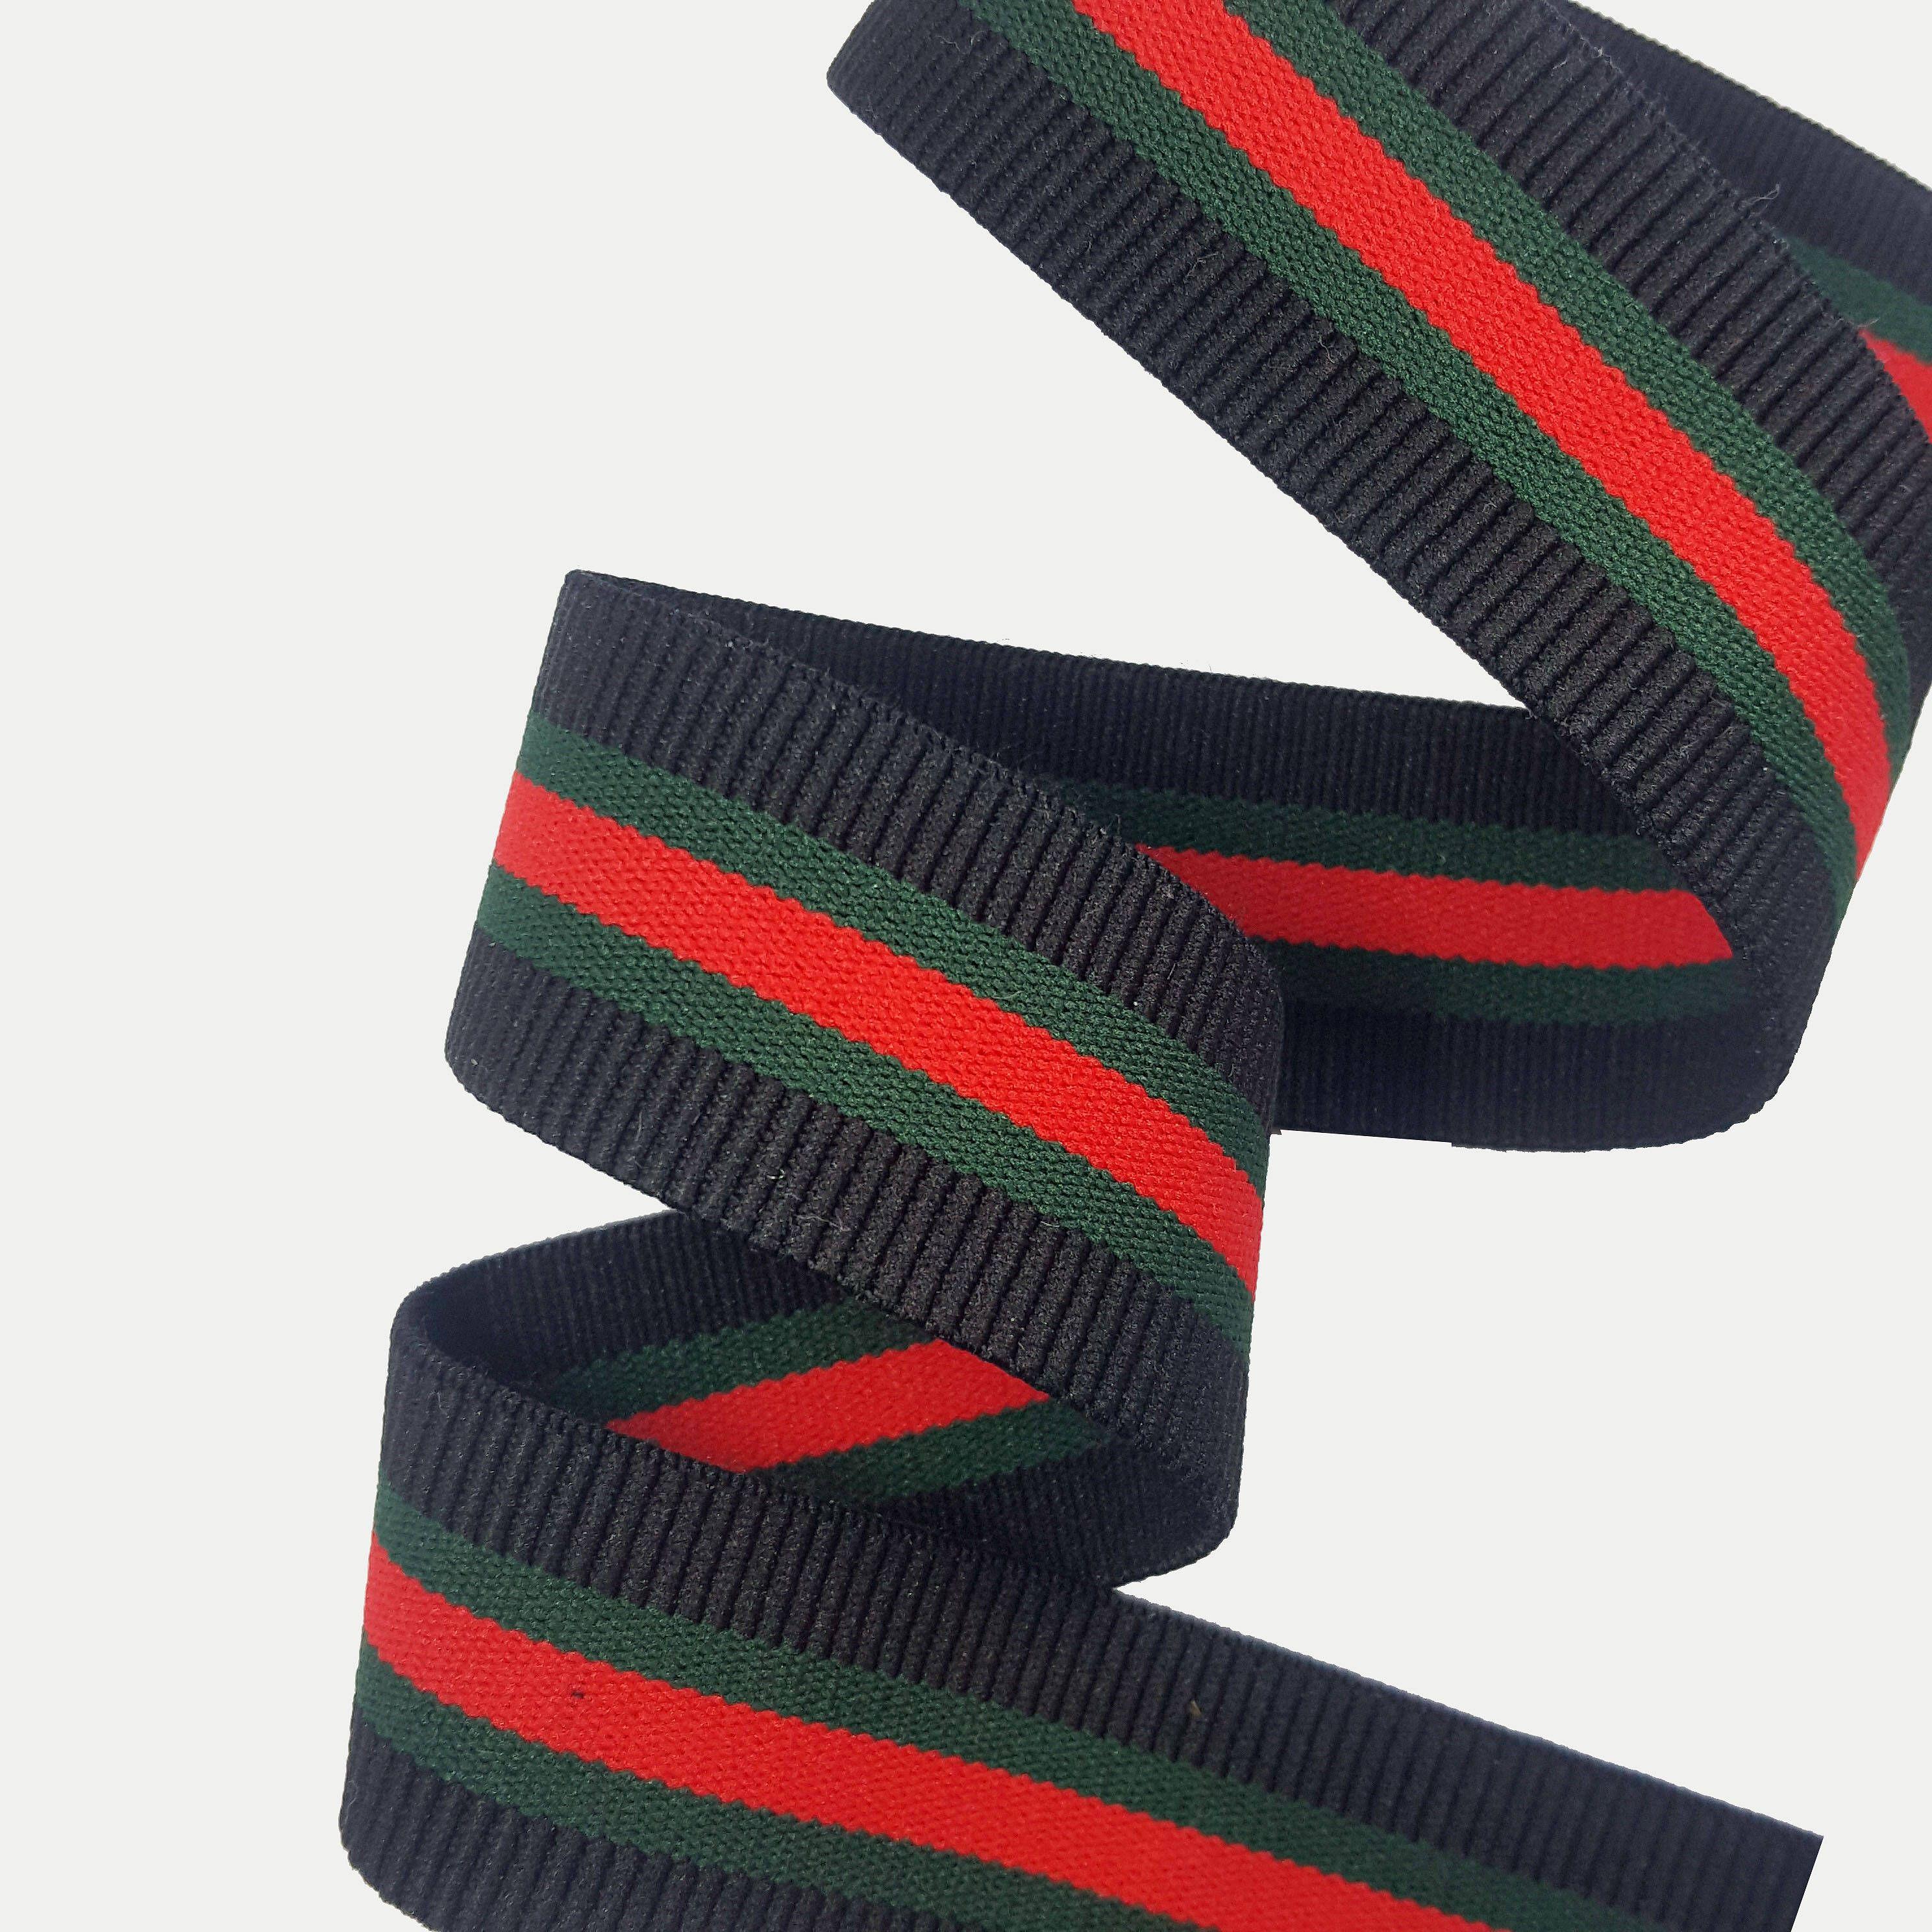 753f7e9e6ad Striped Elastic Rubber Gucci inspired Ribbon Trim